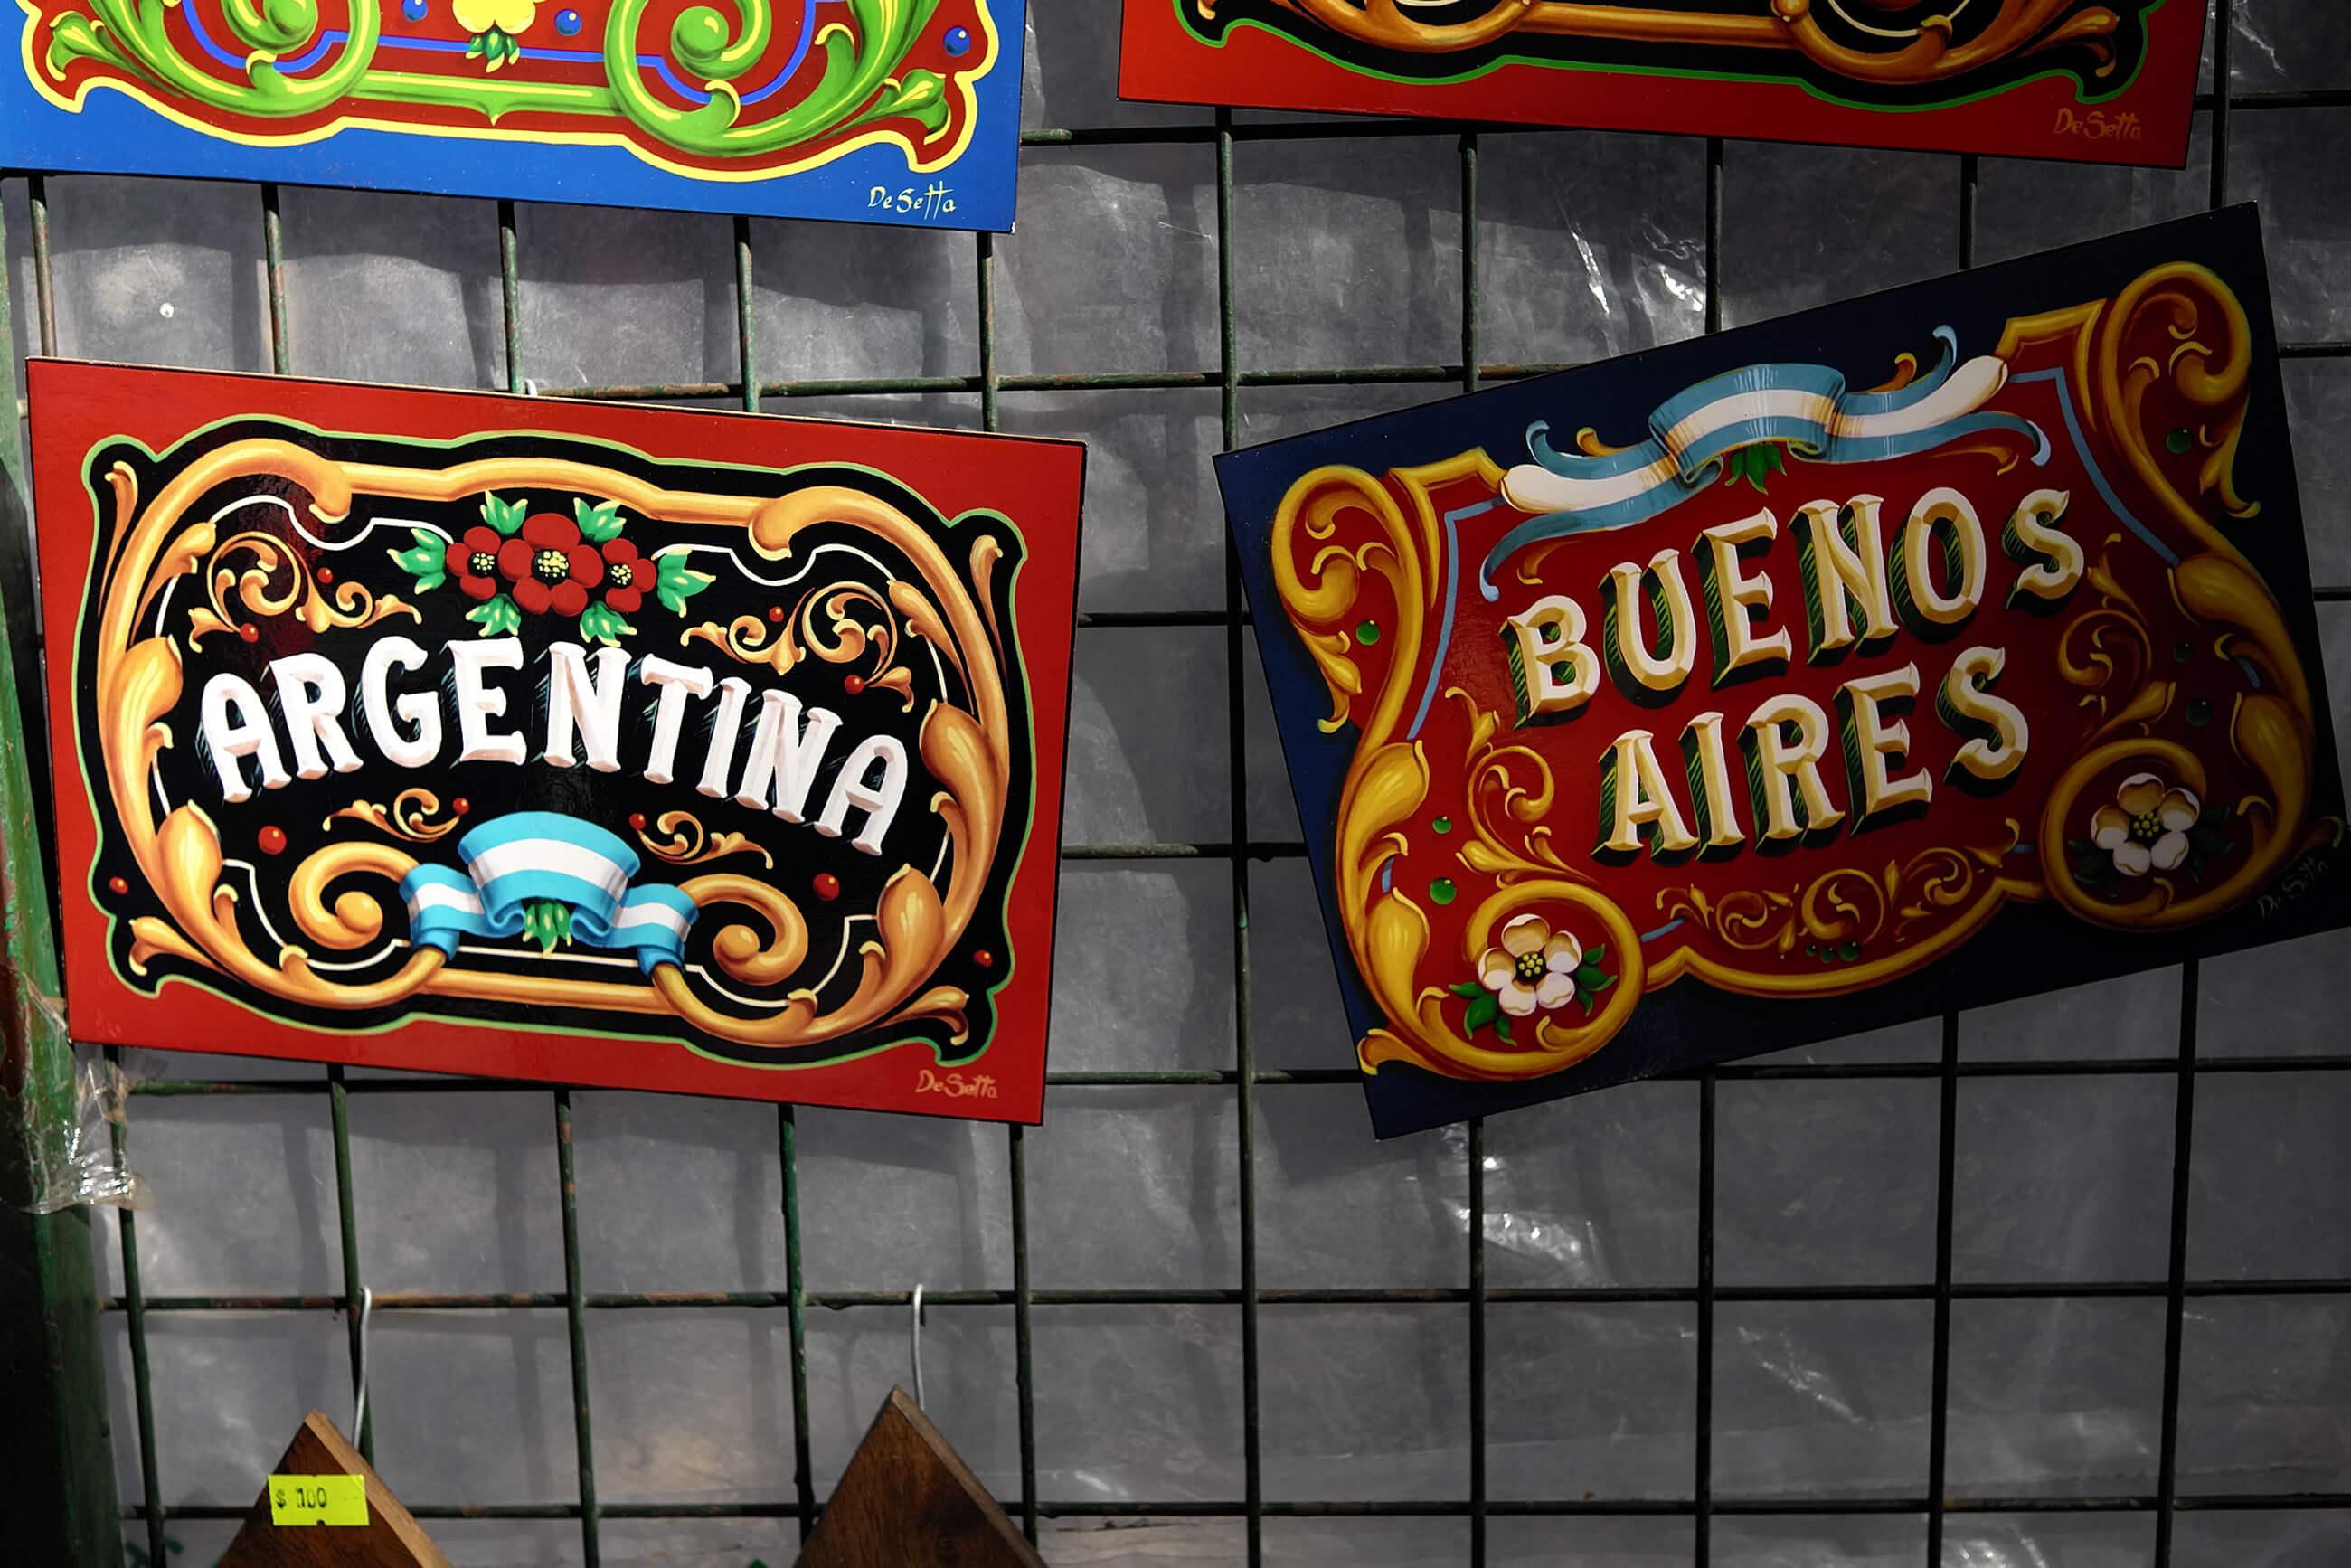 https://bubo.sk/uploads/galleries/7343/katkaliskovast_argentina-11-.jpg